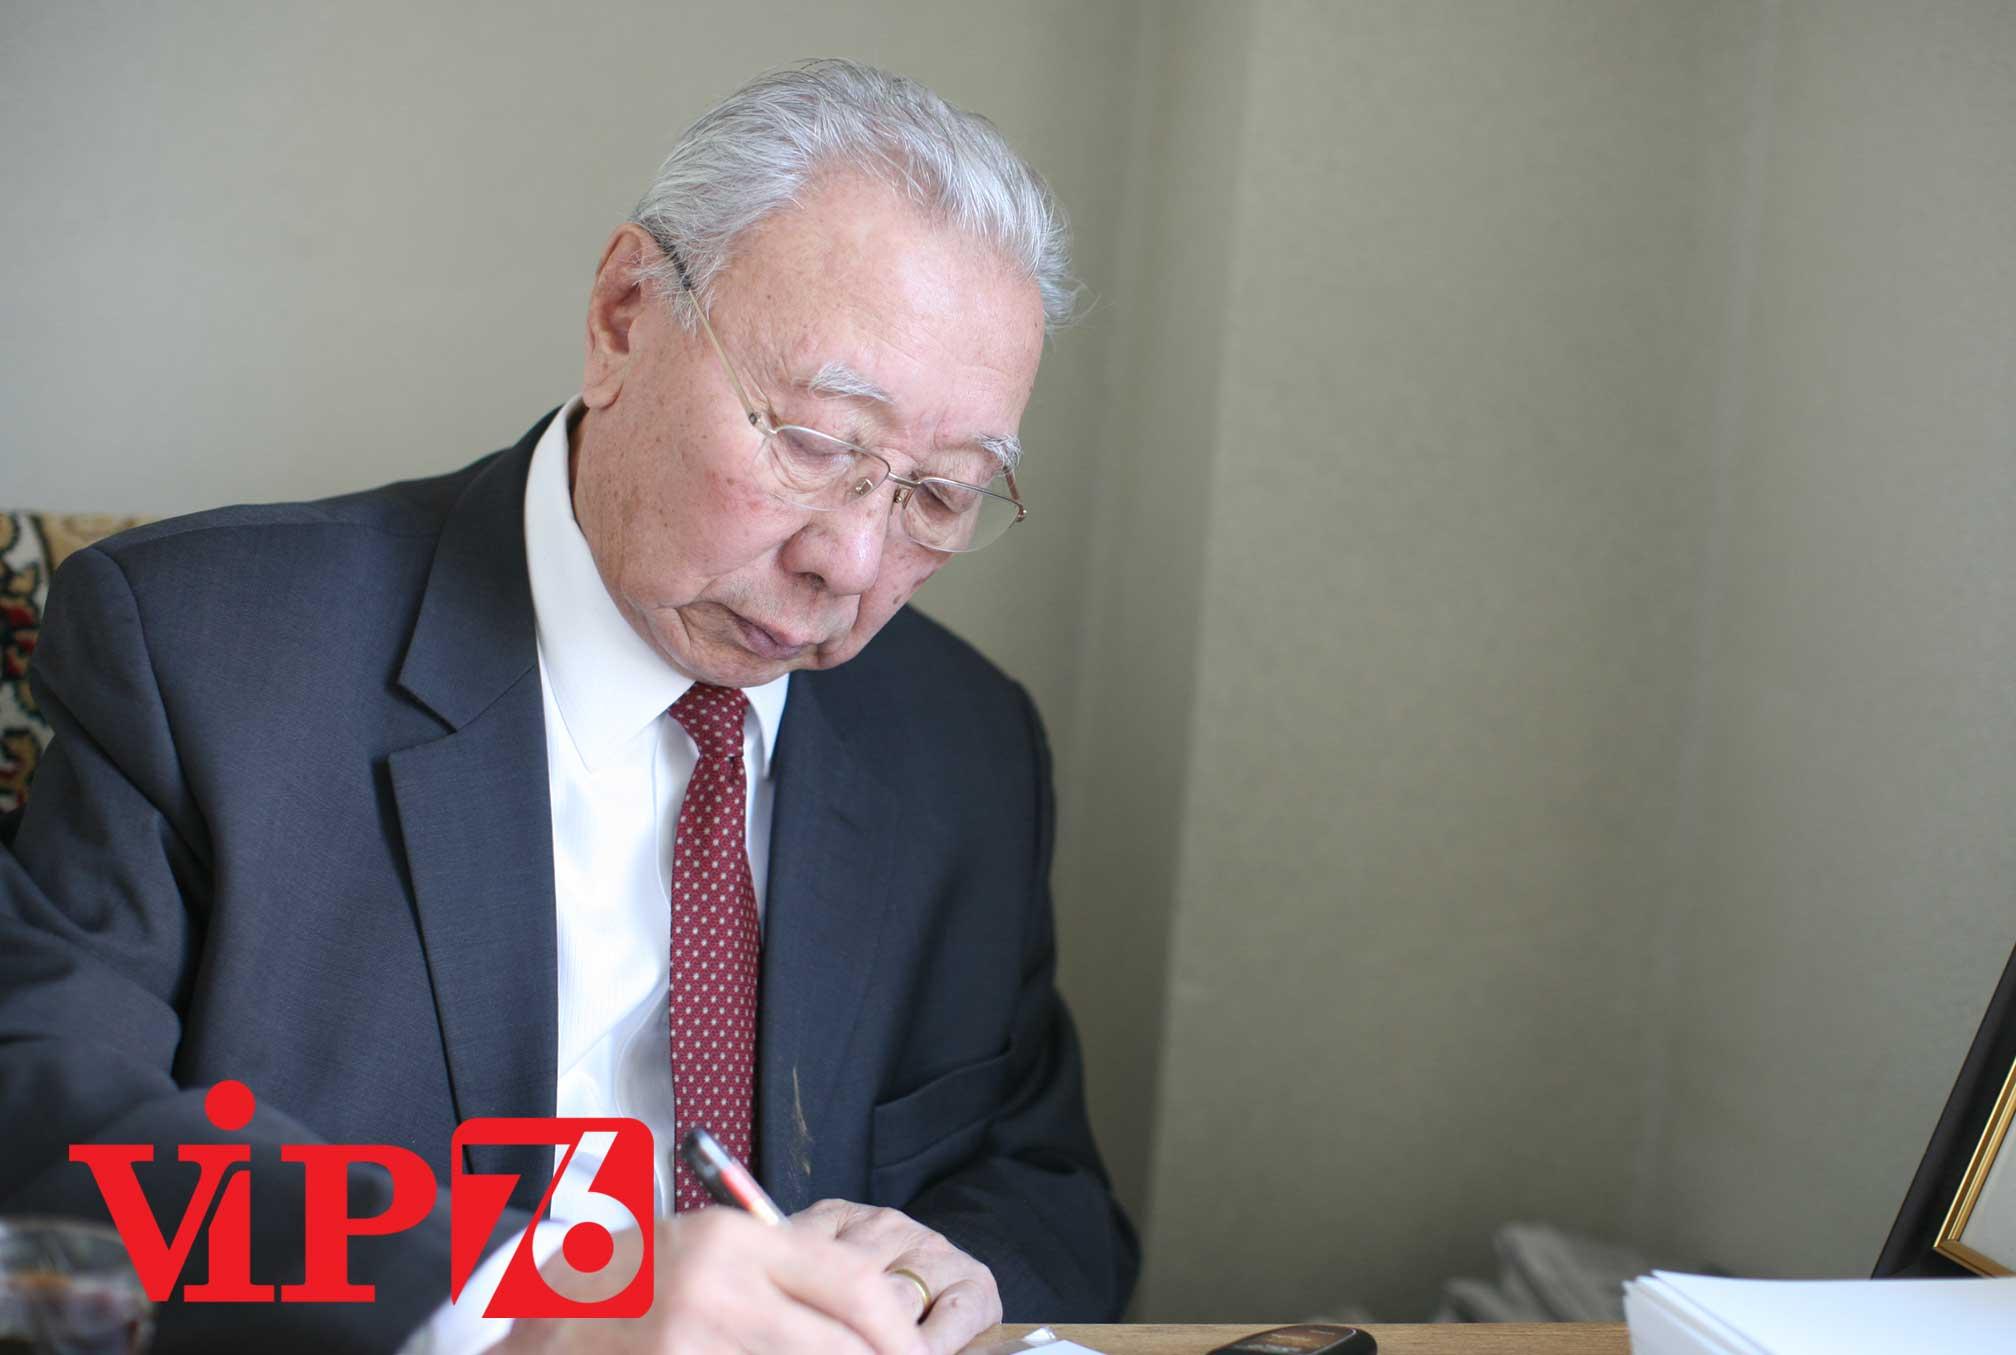 Д.Содном: Монгол улсад алсыг харсан хөгжлийн бодлого, төлөвлөгөө хэрэгтэй байна